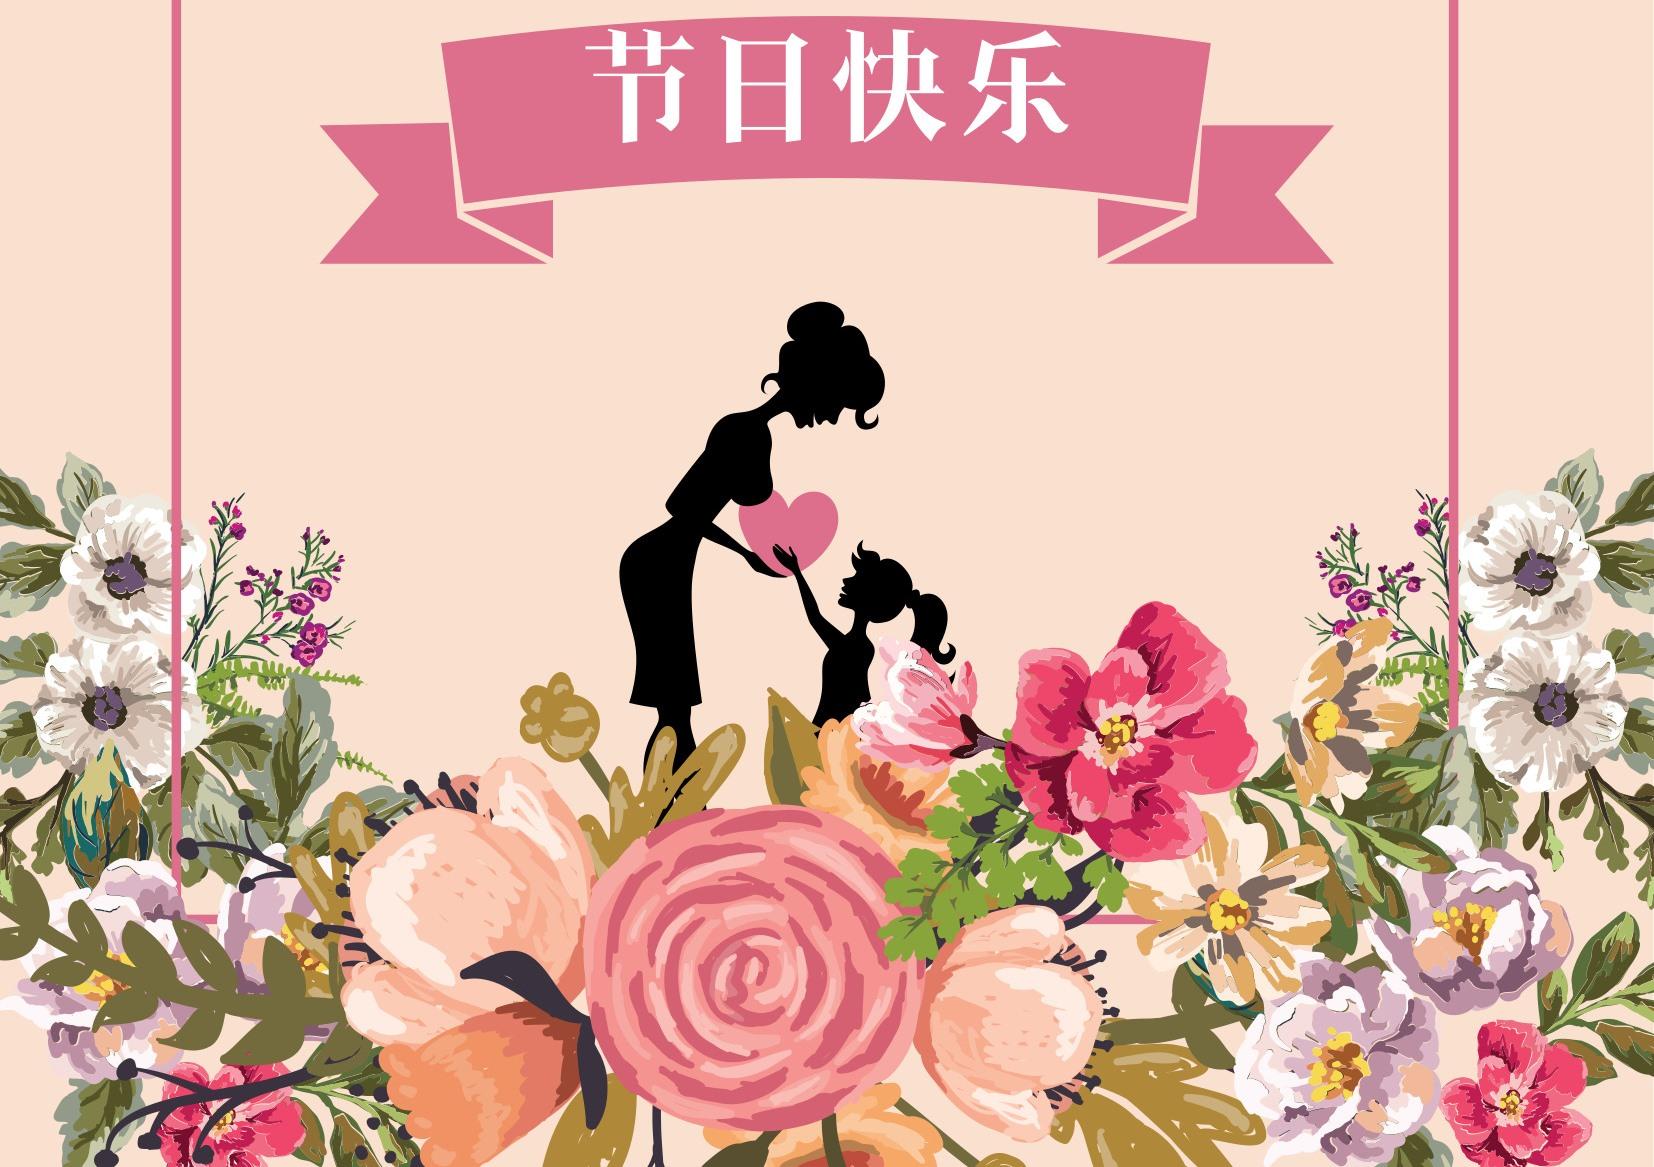 #母亲节# 如果我是她的眼,会荔枝fm让她看到世界就在眼前